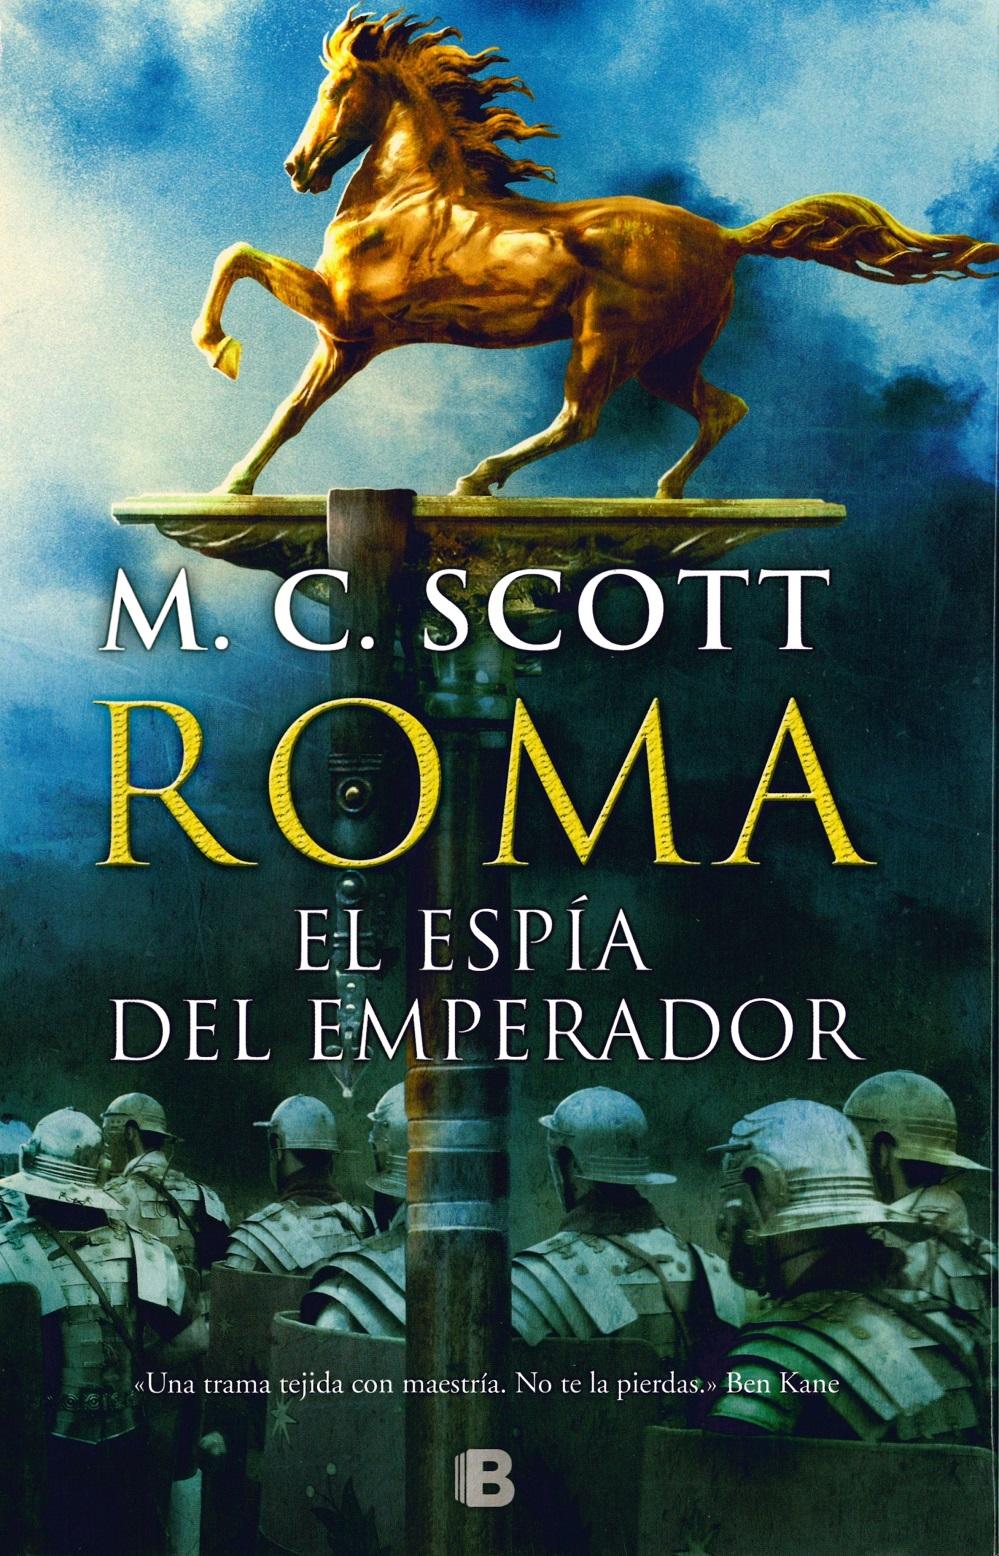 ROMA, EL ESPíA DEL EMPERADOR